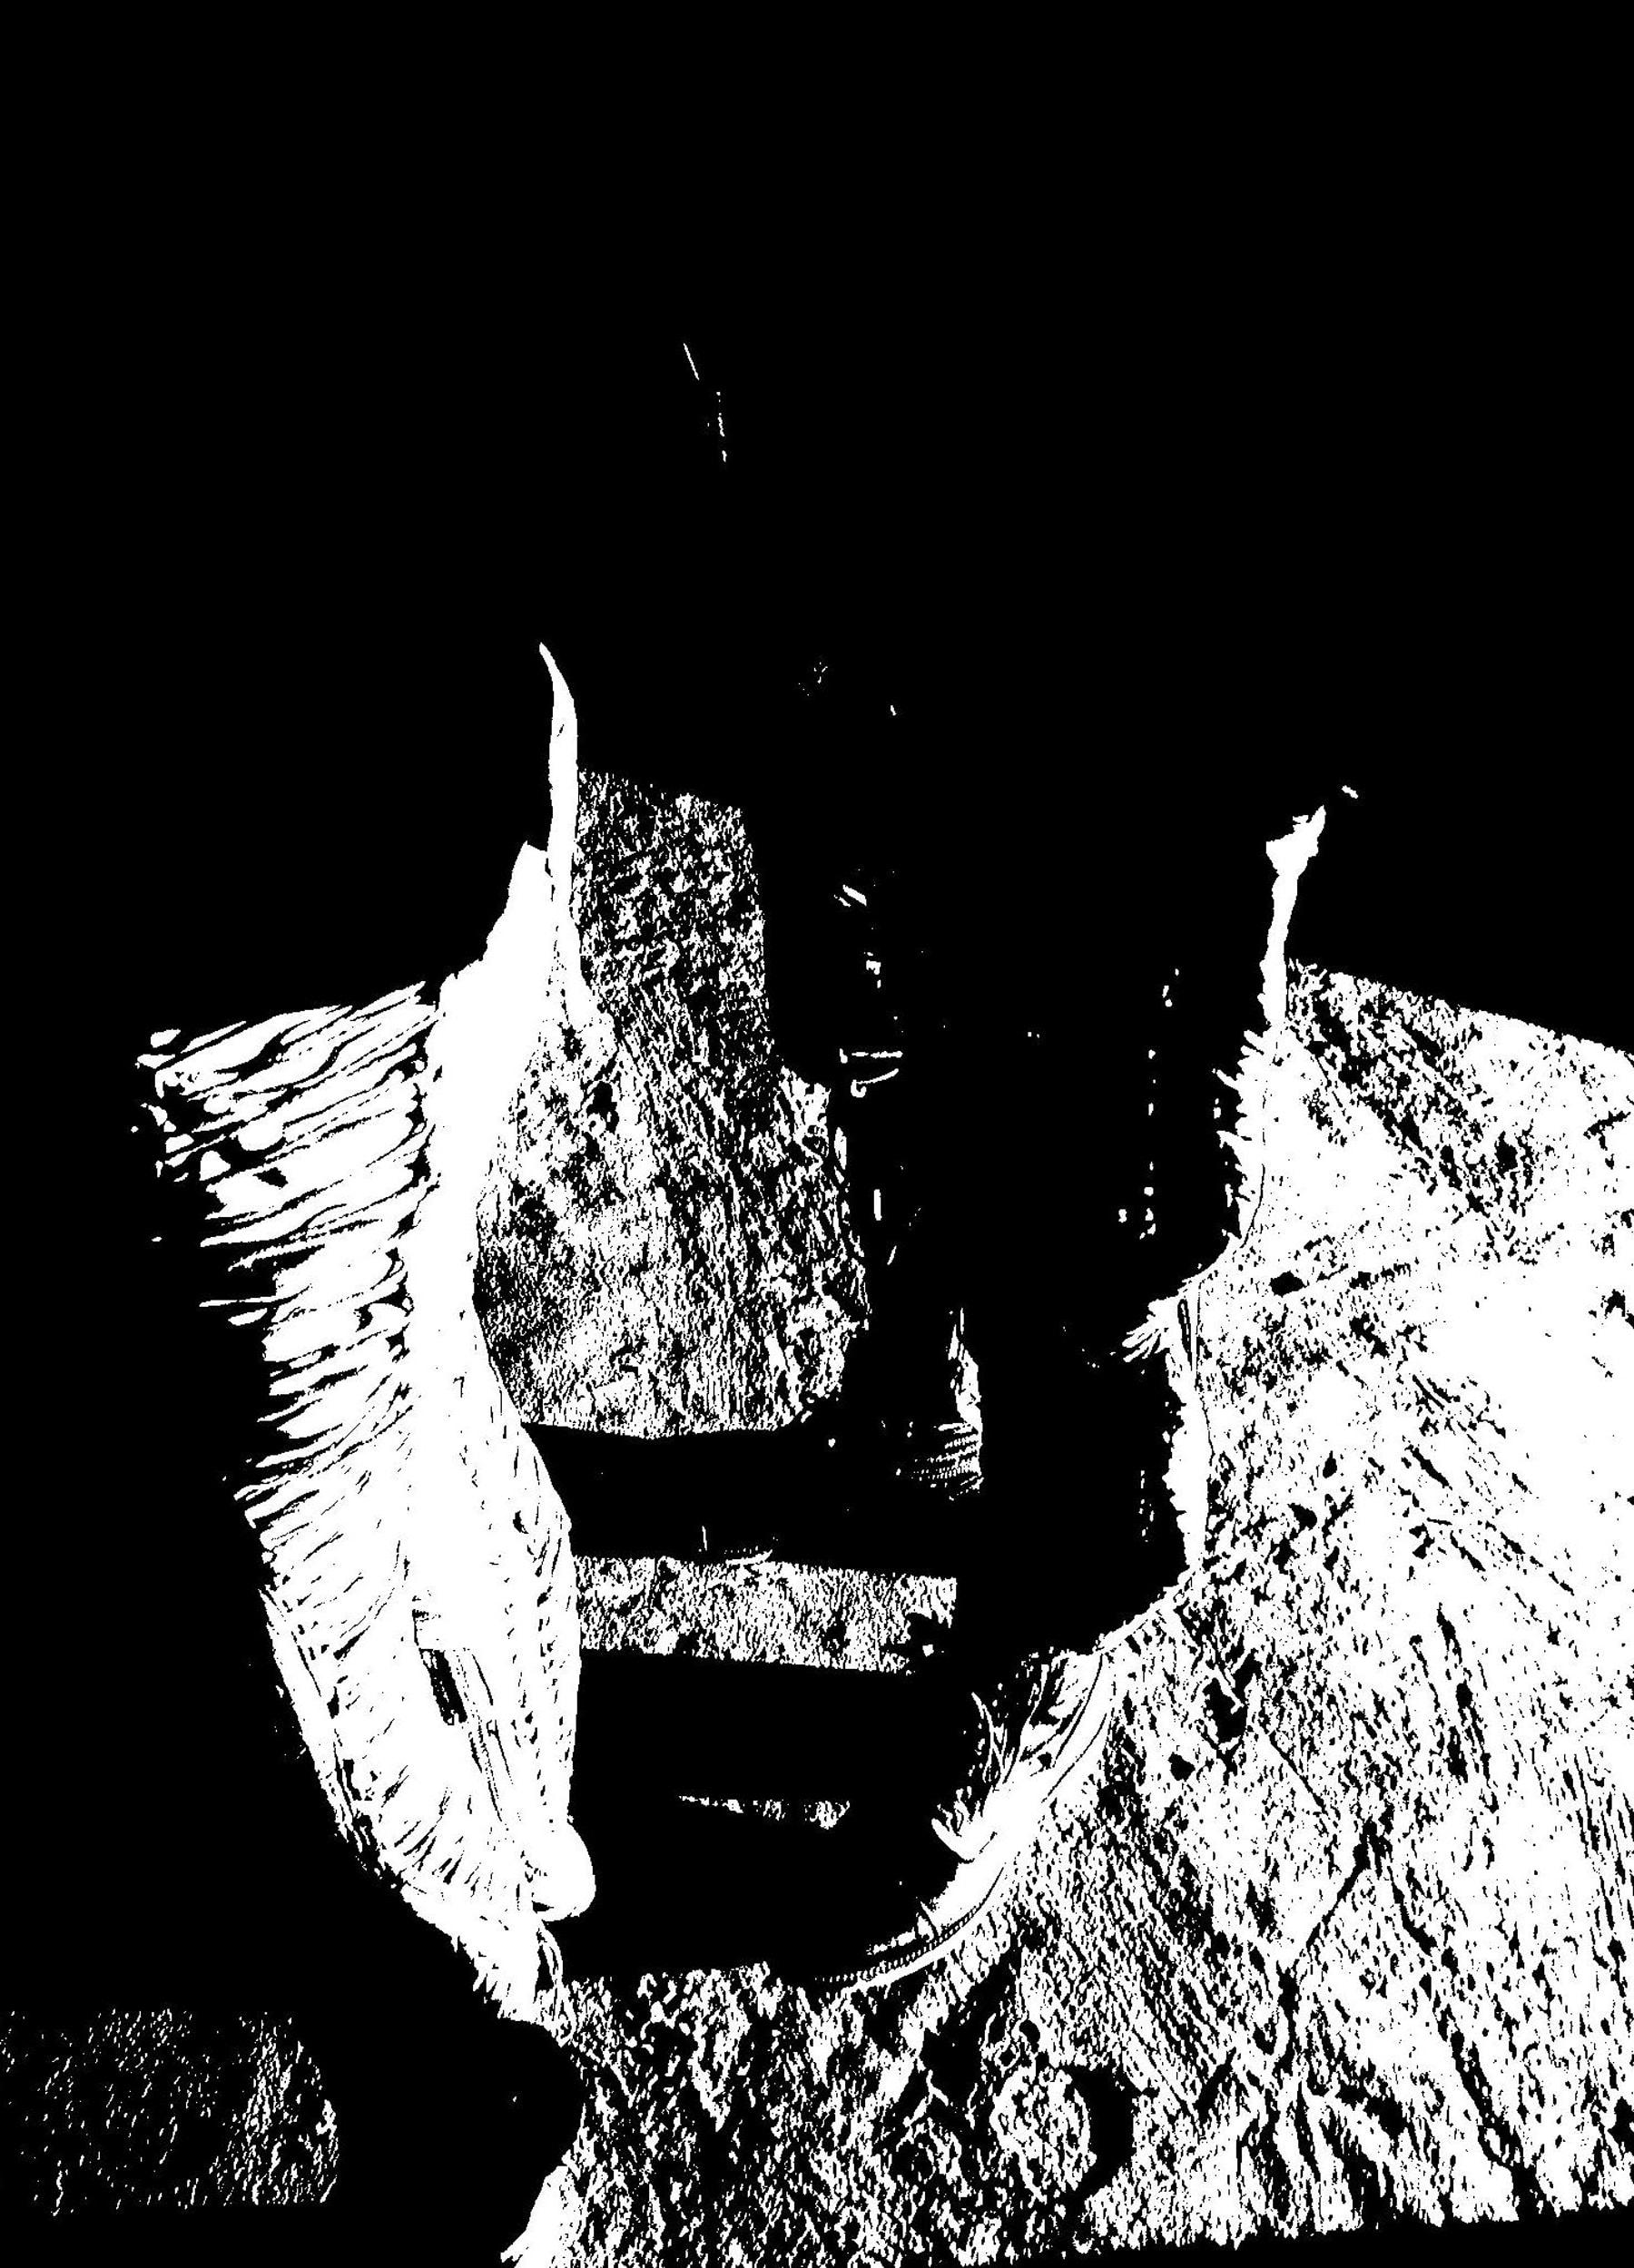 Detail afbeelding 6 van Meteor Musik (photography) | Ontwerp door Stefaan Beeckaert